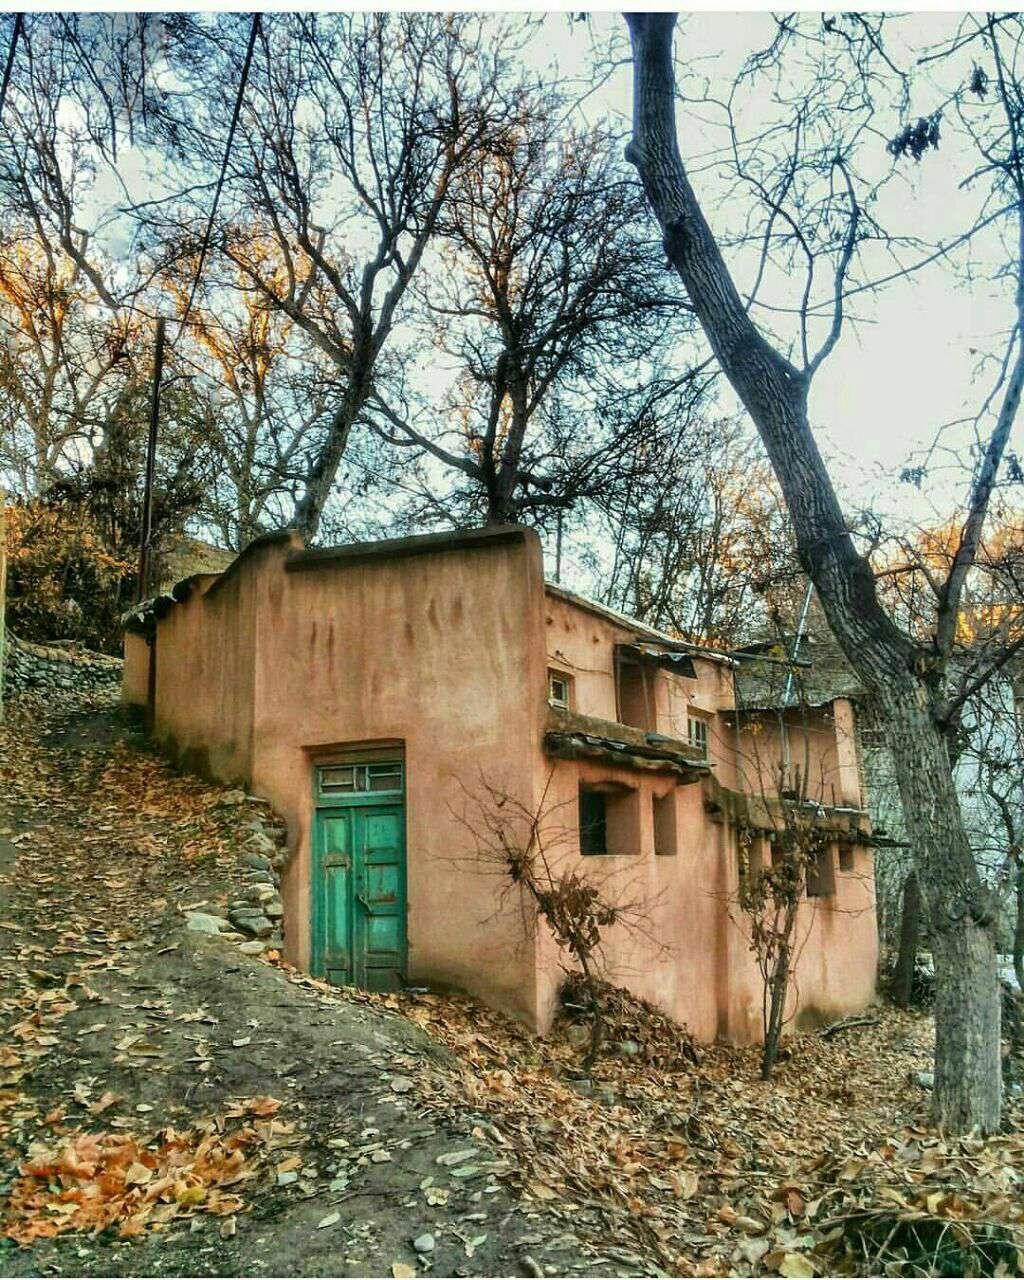 خانه قدیمی زیبا